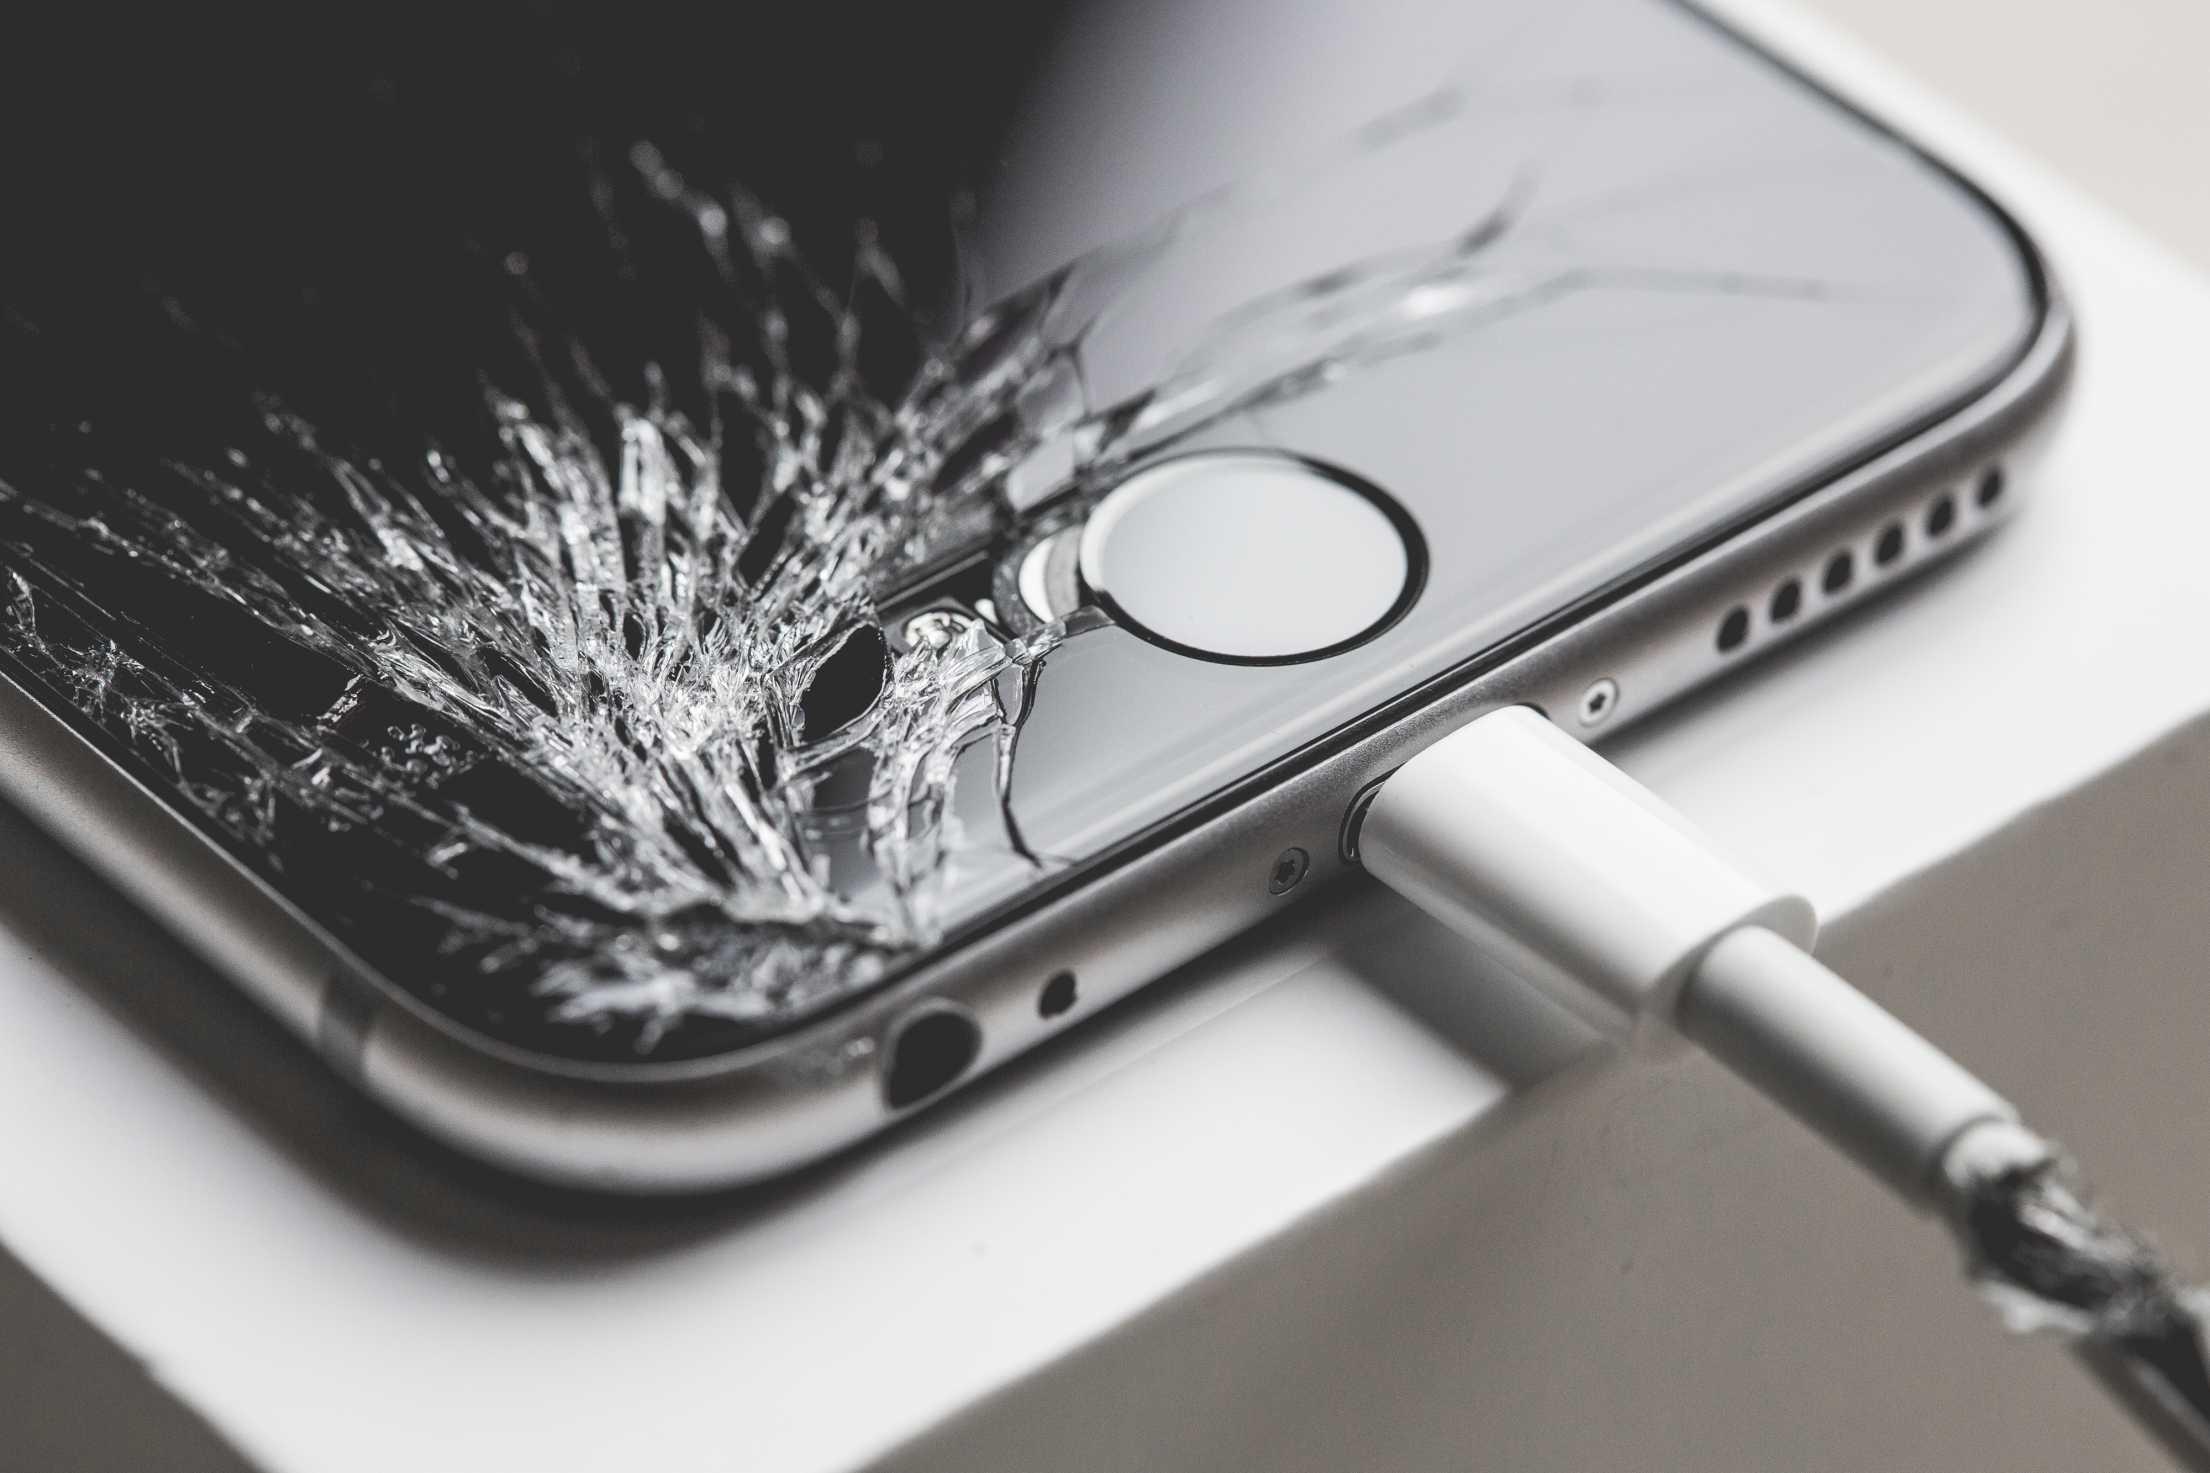 Апдейт iOS 11.0.3 показал, что Apple может отключать свои телефоны с неоригинальным дисплеем - 1